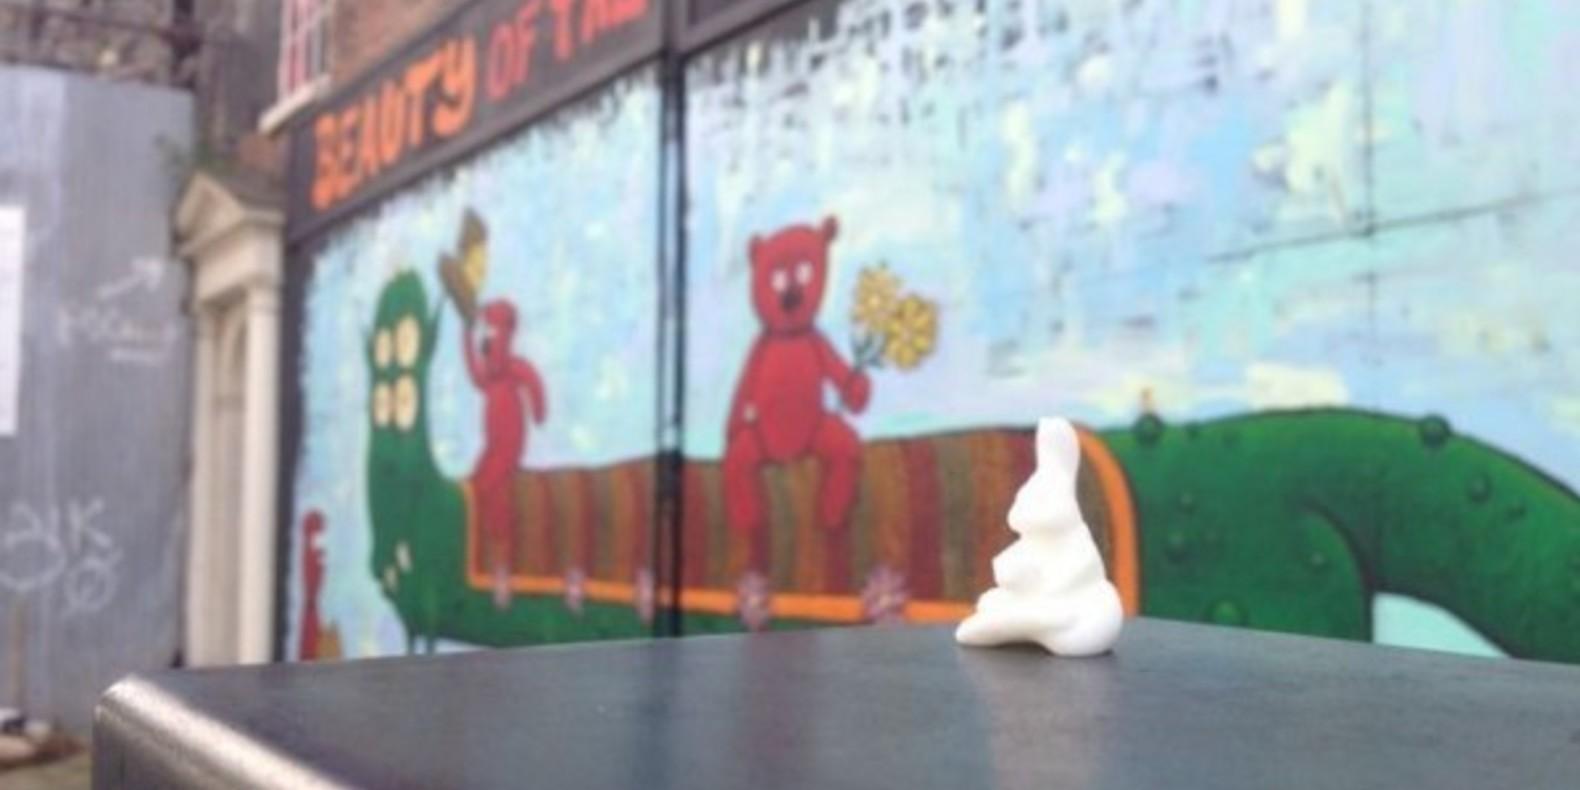 mysterabbit impression 3D Ji Lee cults lapins fichier 3D street marketing 4